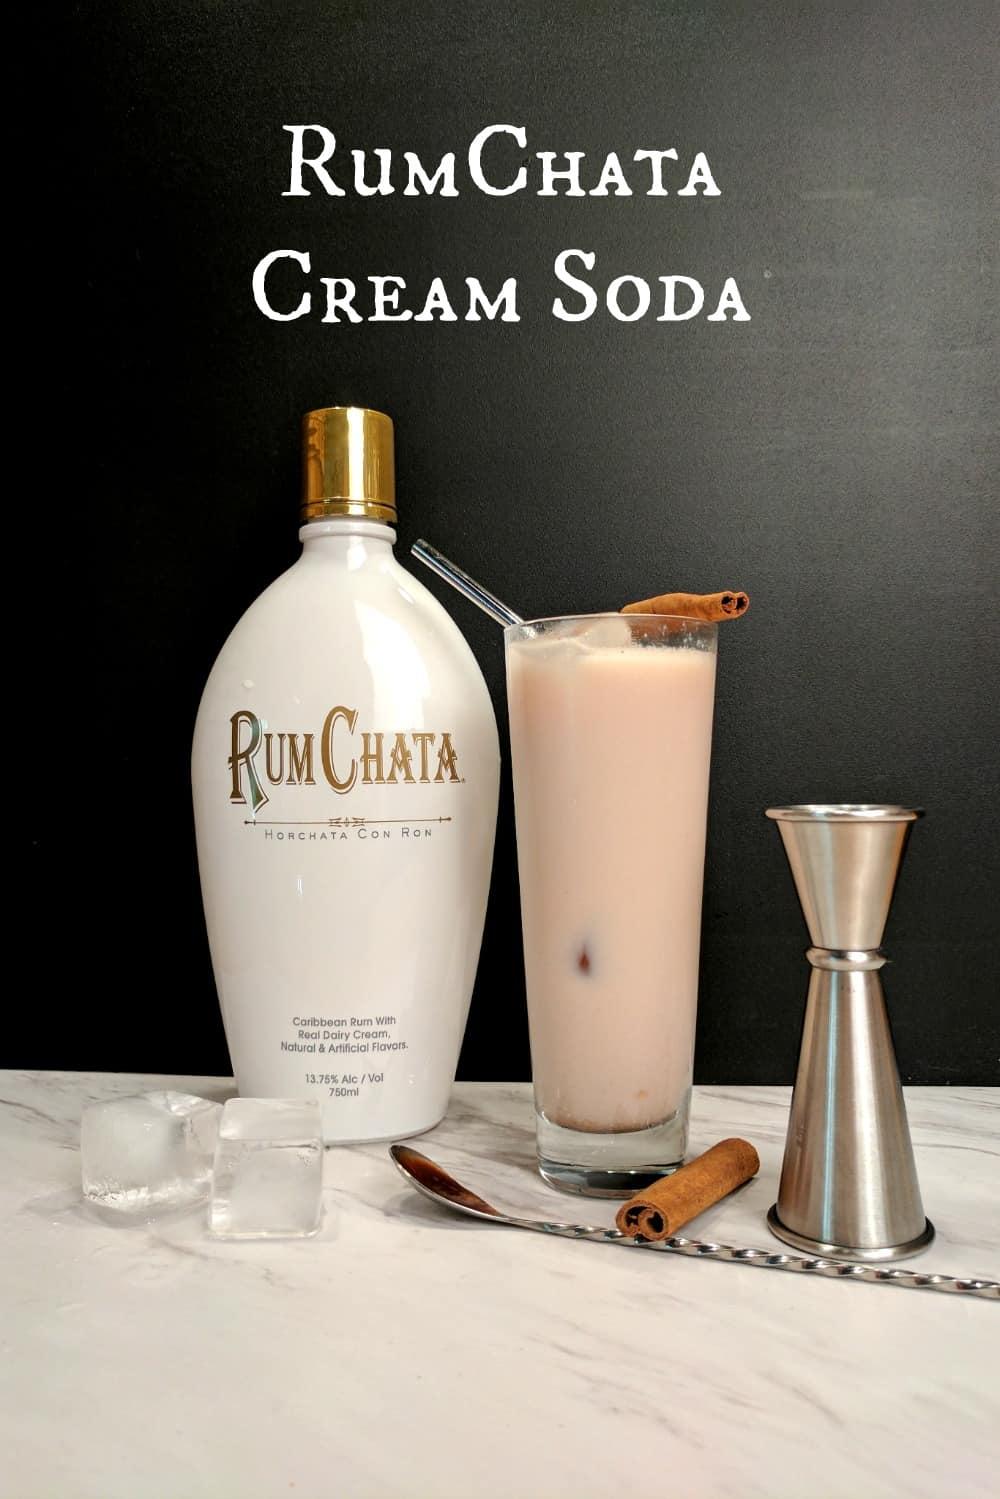 RumChata Cream Soda • A Bar Above